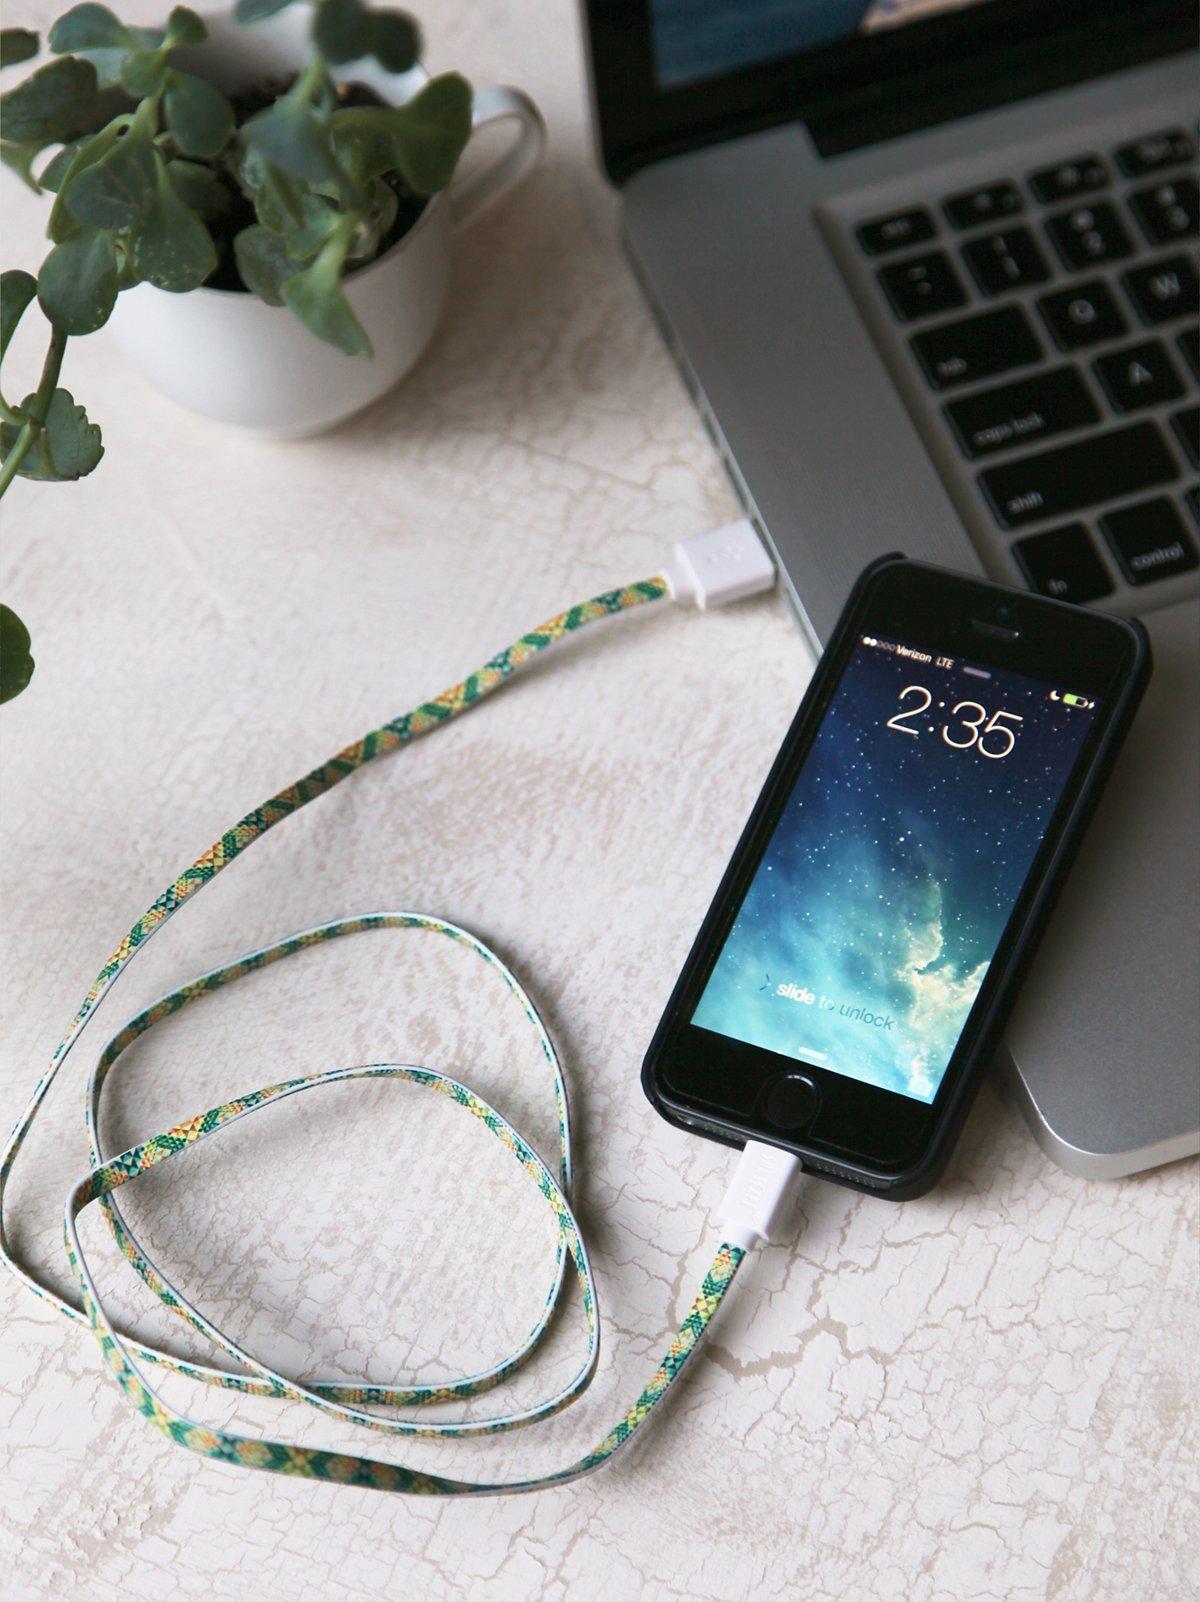 可充电和同步的iPhone数据线